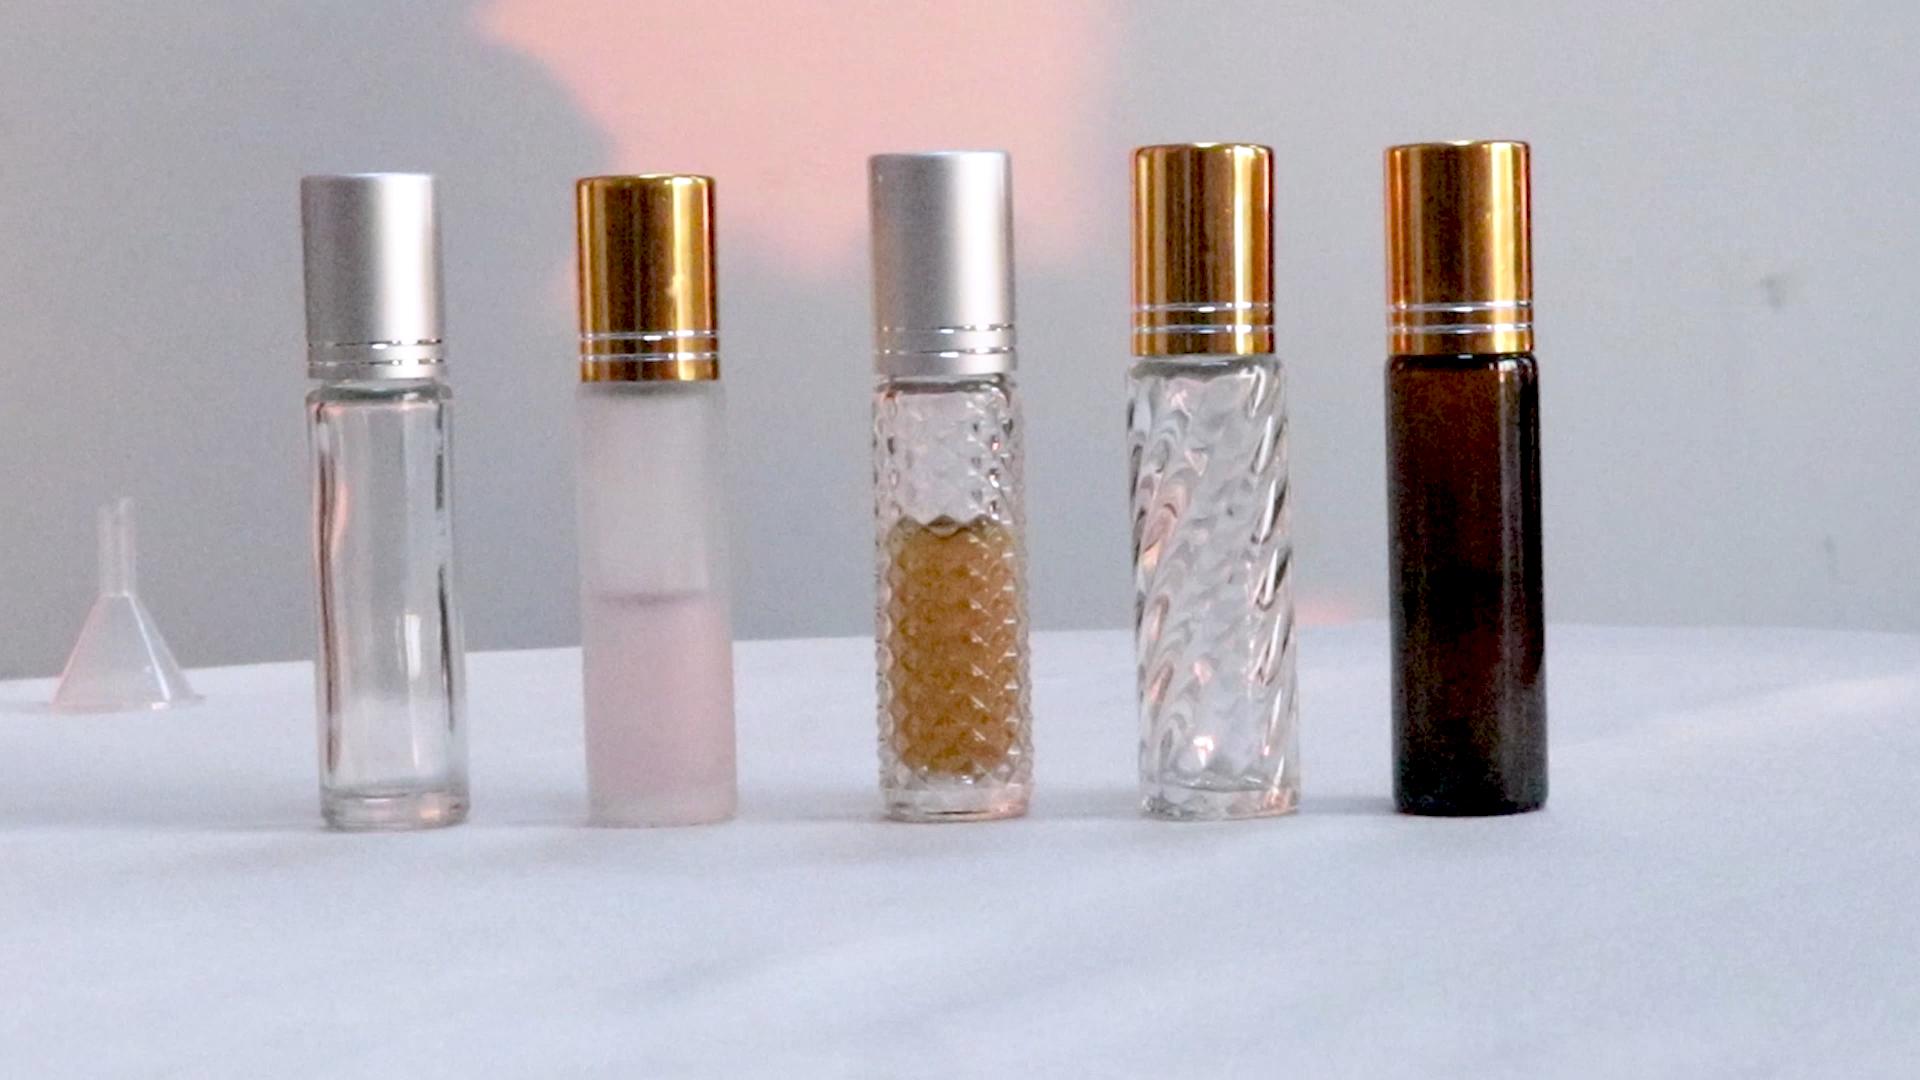 Huile de parfum Mat Verre Bouteille À Bille Mini 6ml 10 ml En Verre Transparent Dépoli 10 ml Huile Essentielle Rouleau bouteille